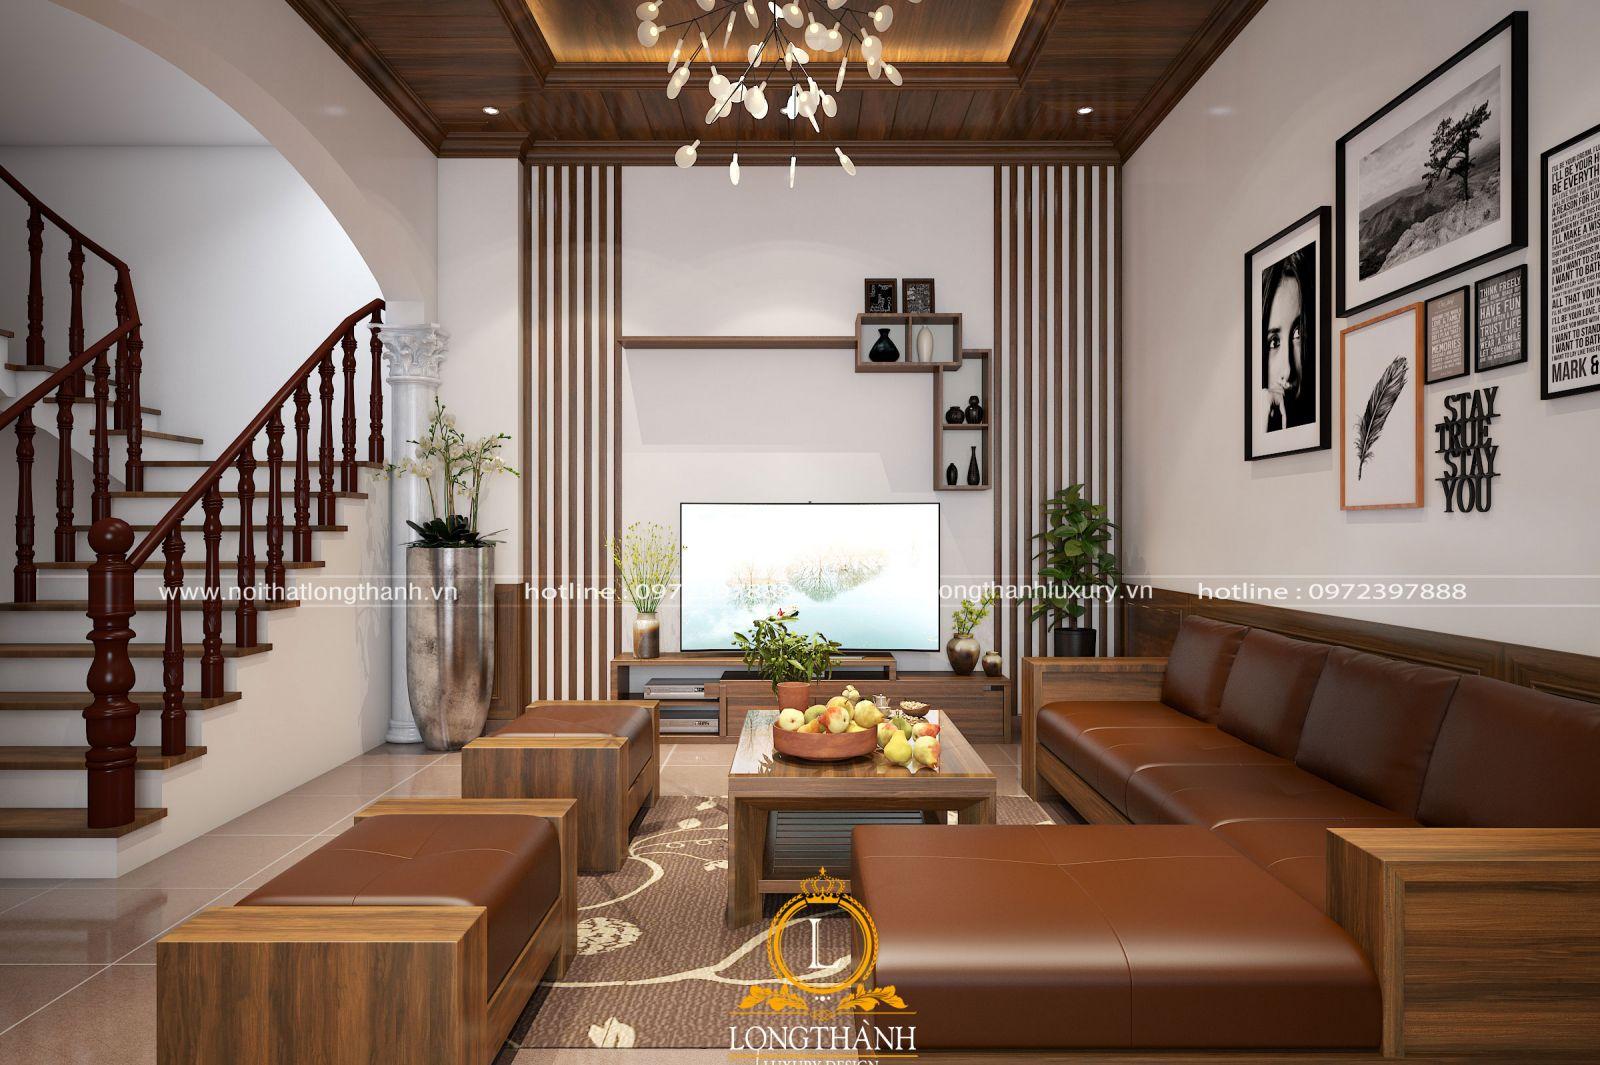 Phòng khách hiện đại dành cho nhà phố - vừa đẹp vừa sang